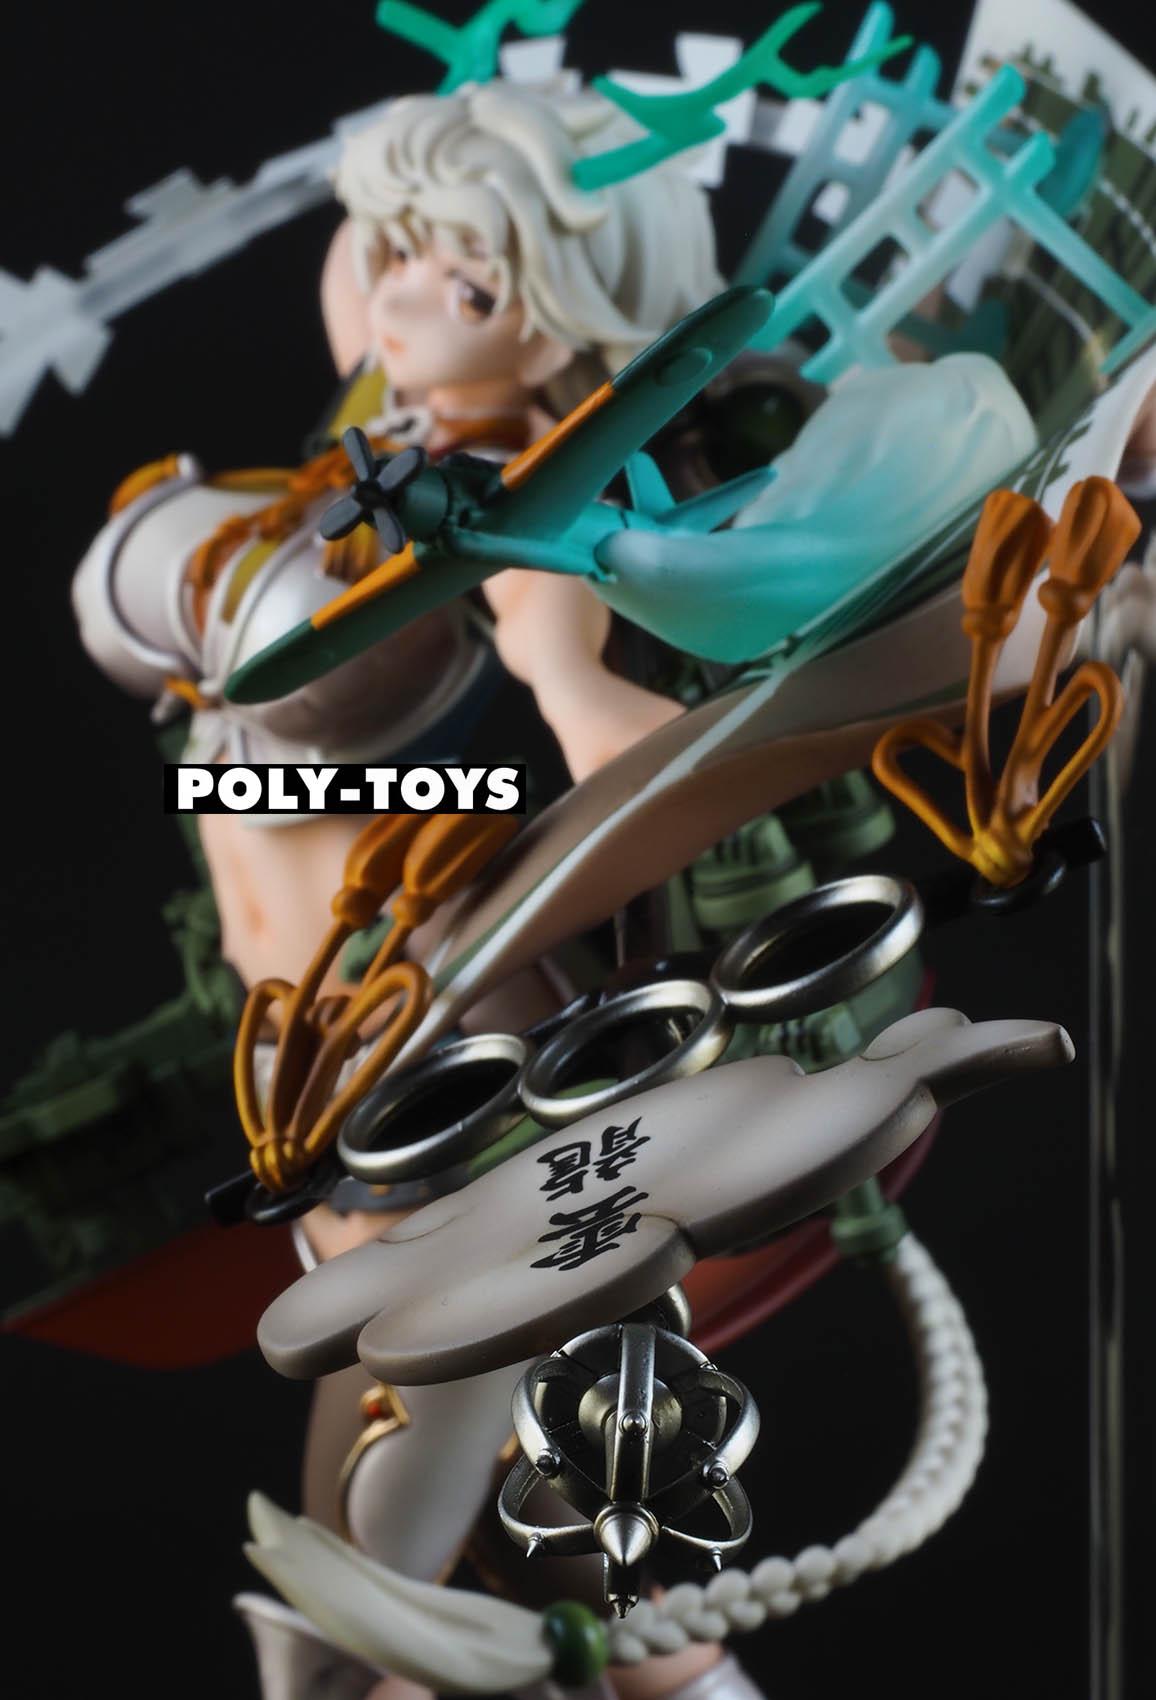 http://polytoys.boo.jp/poly-log2/c3.jpg